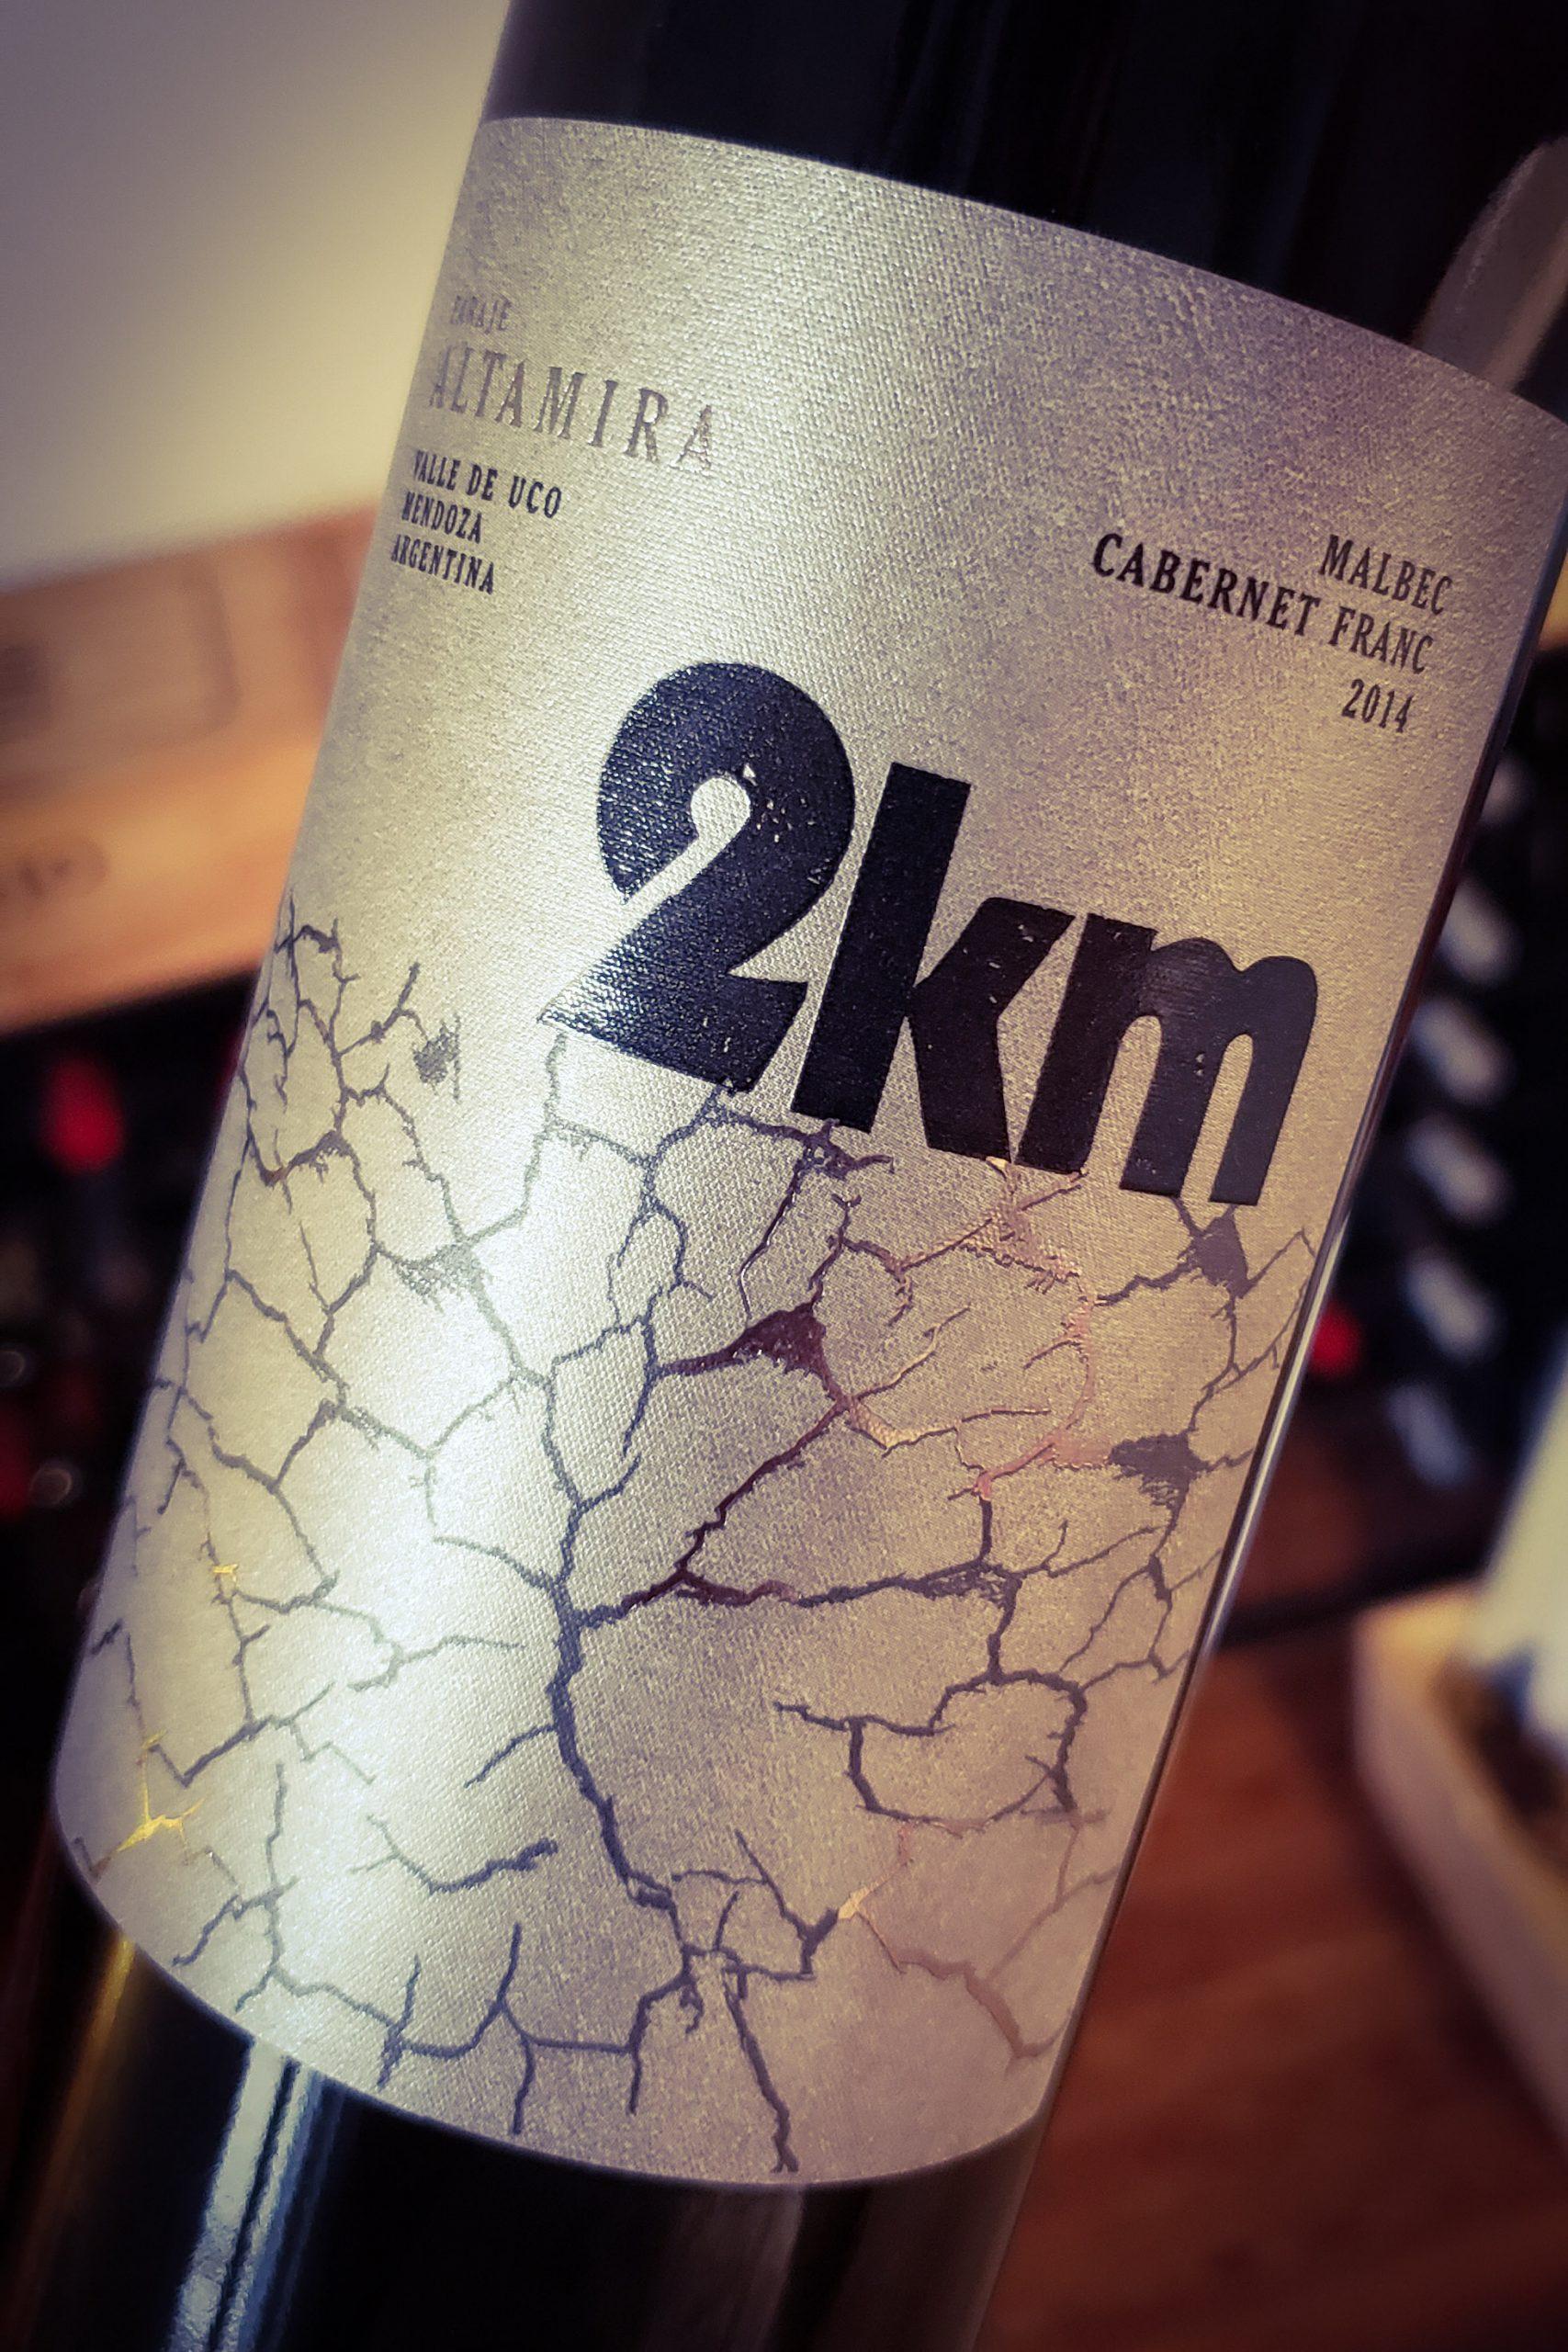 cuarentena - 2 km